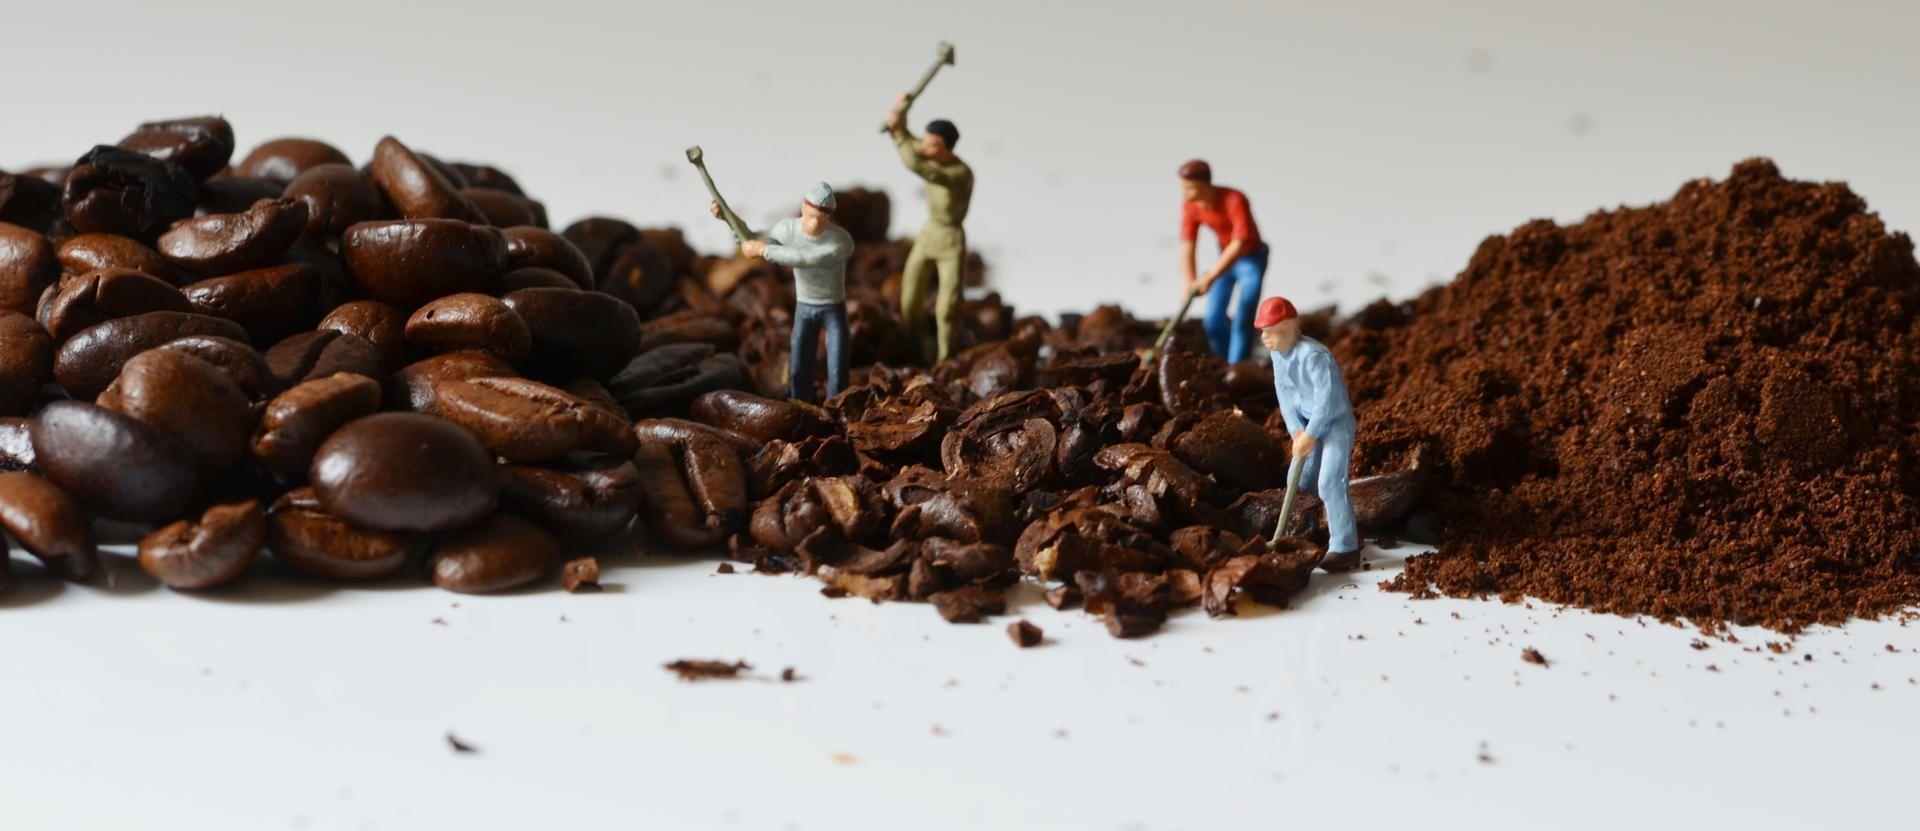 Image ©Martin Georgiev  #coffee